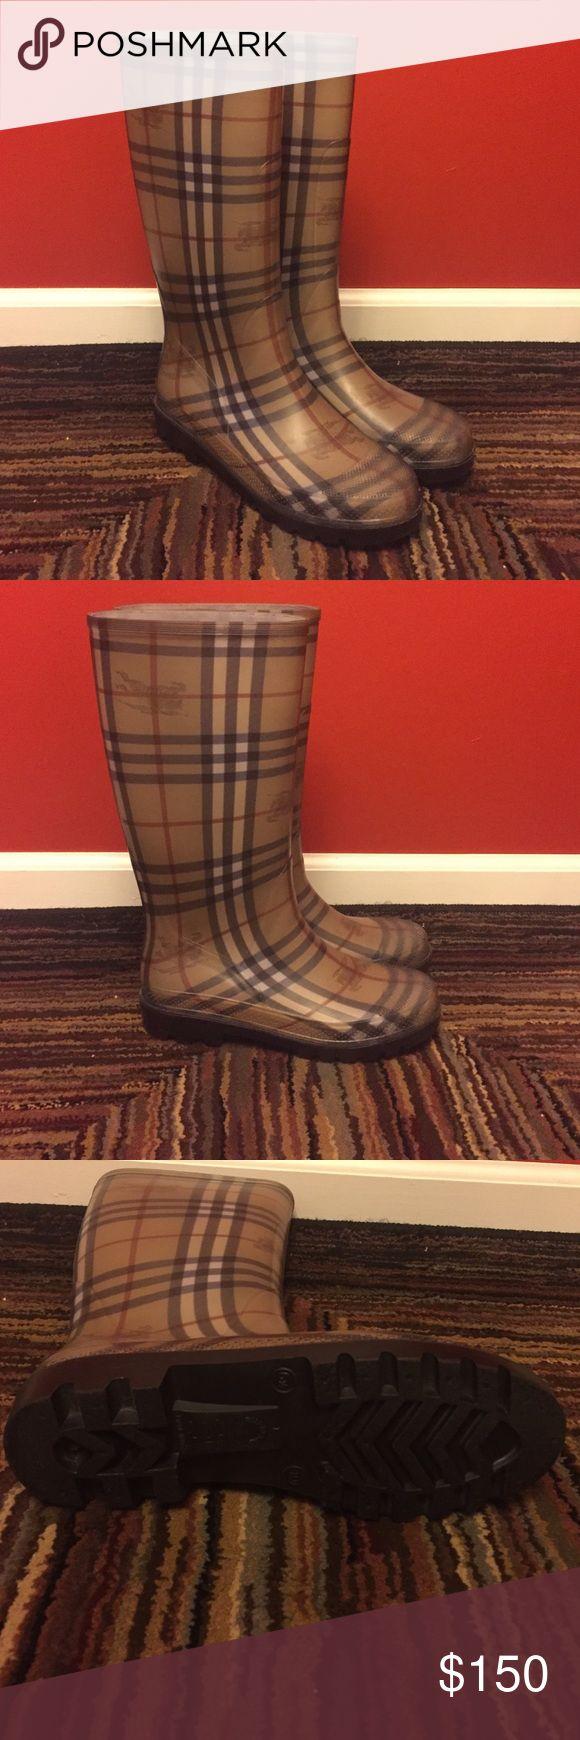 Authentic Burberry Rainboots Women's Authentic Burberry Rainboots. Excellent condition wore once. Original Checker print. Size 40 Burberry Shoes Winter & Rain Boots